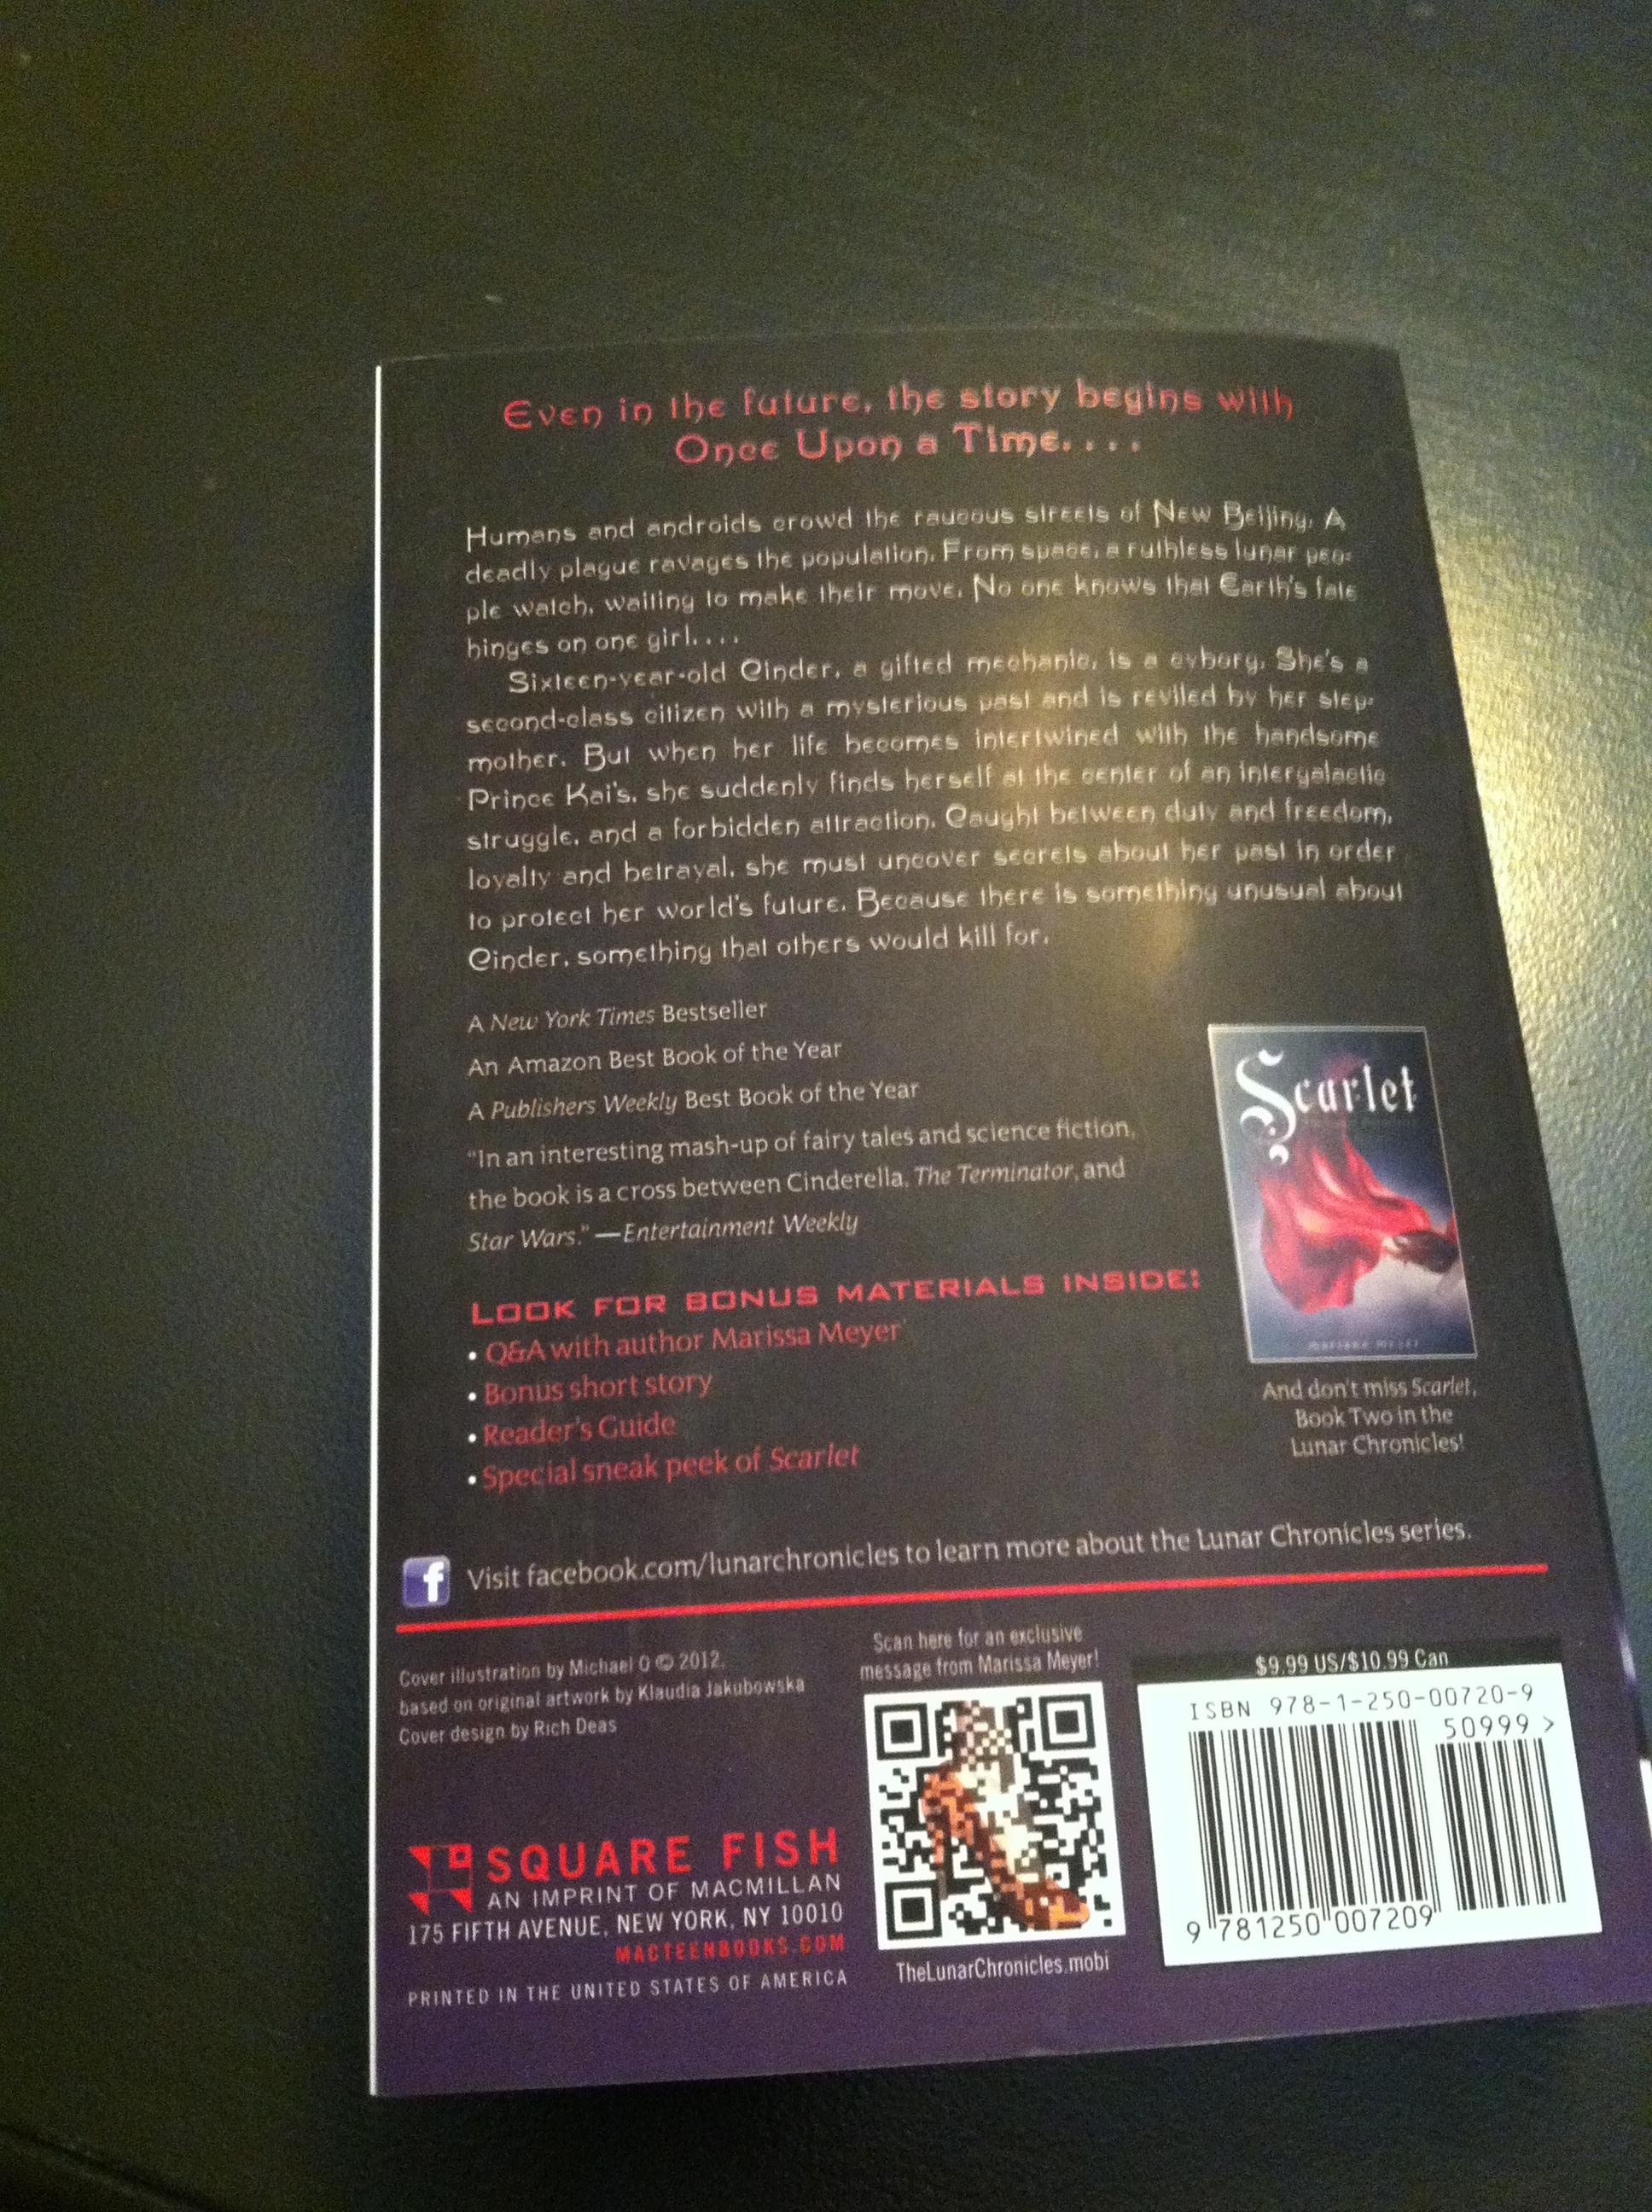 cinder paperback back cover marissa meyer